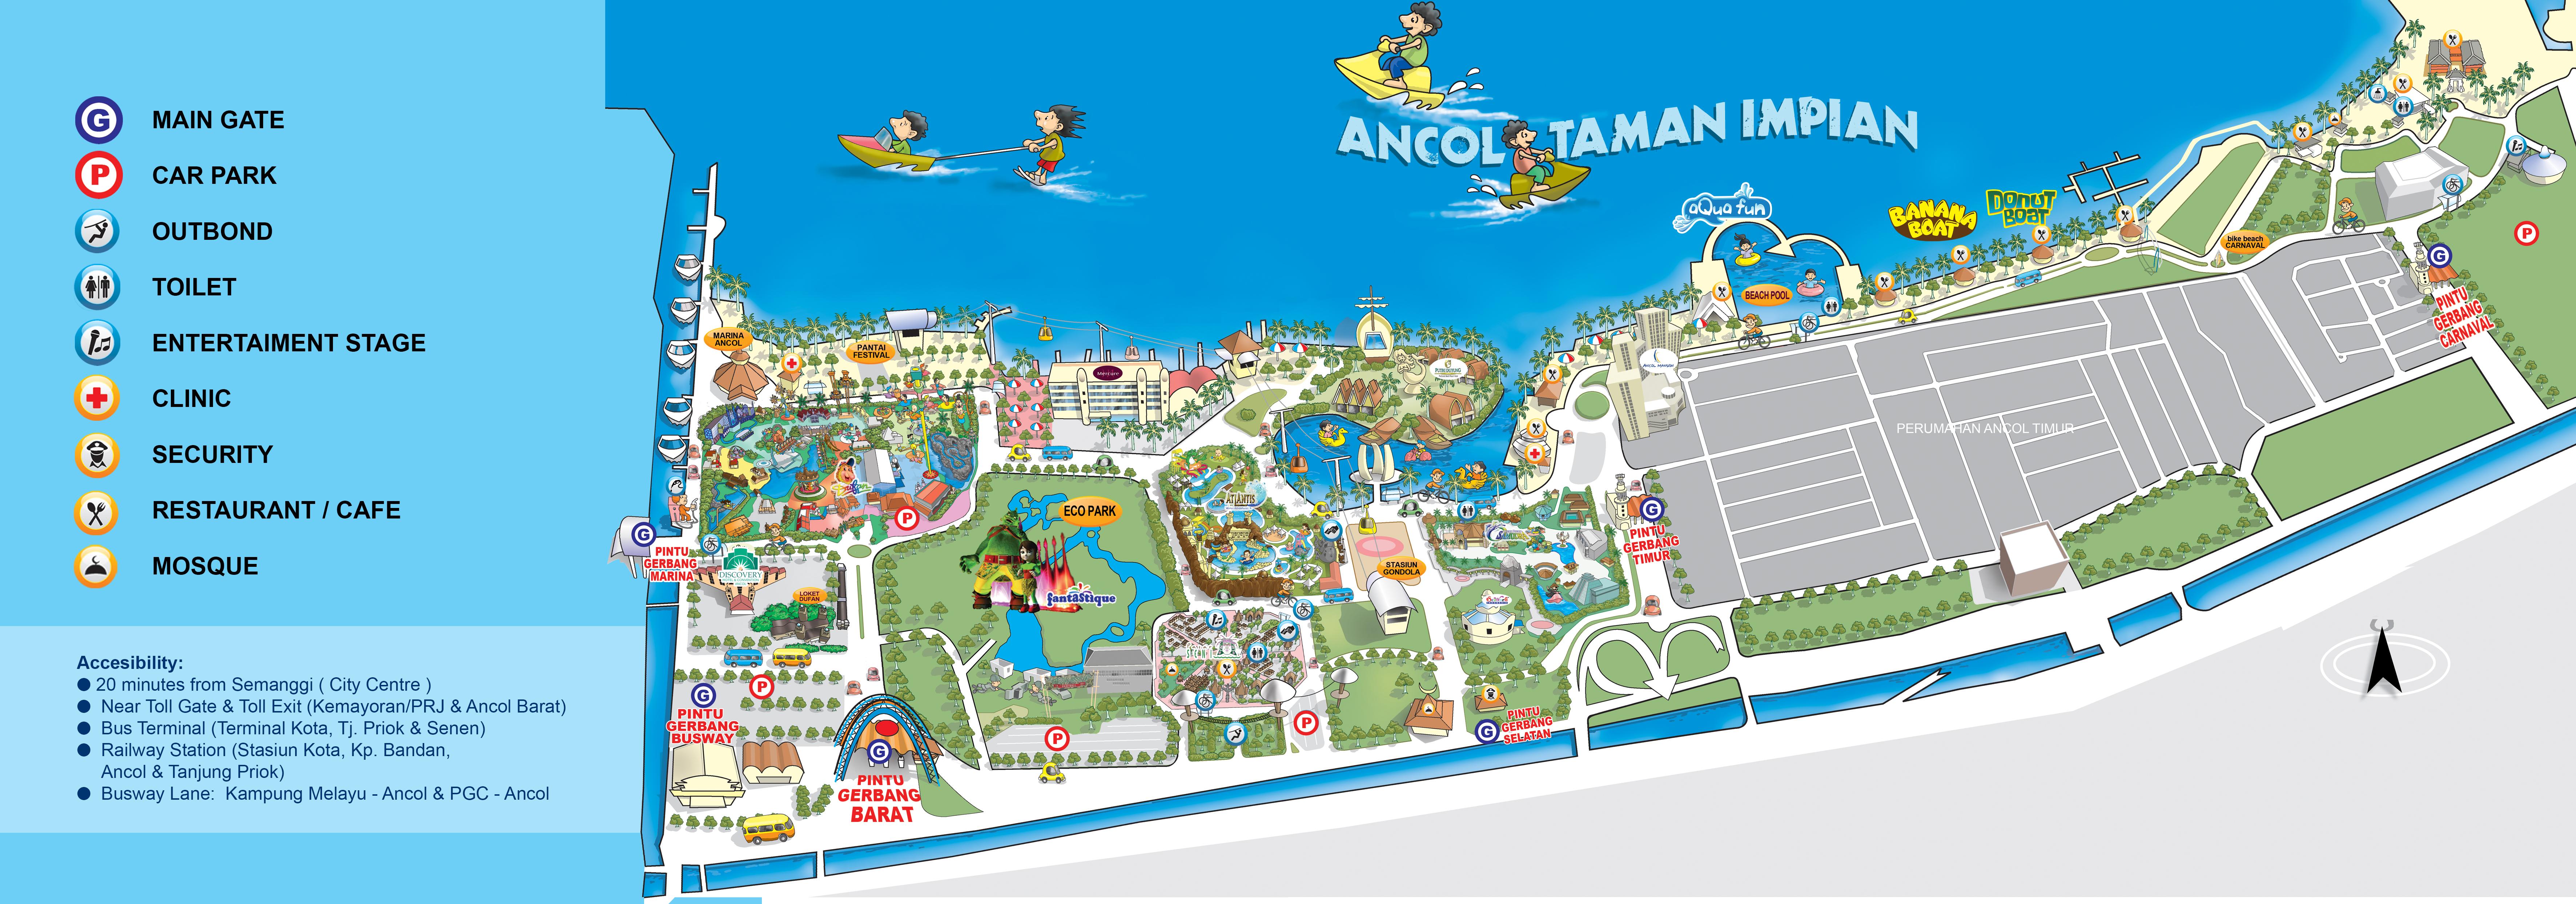 Peta Jpg Sign Pantai Ancol Kota Administrasi Jakarta Utara